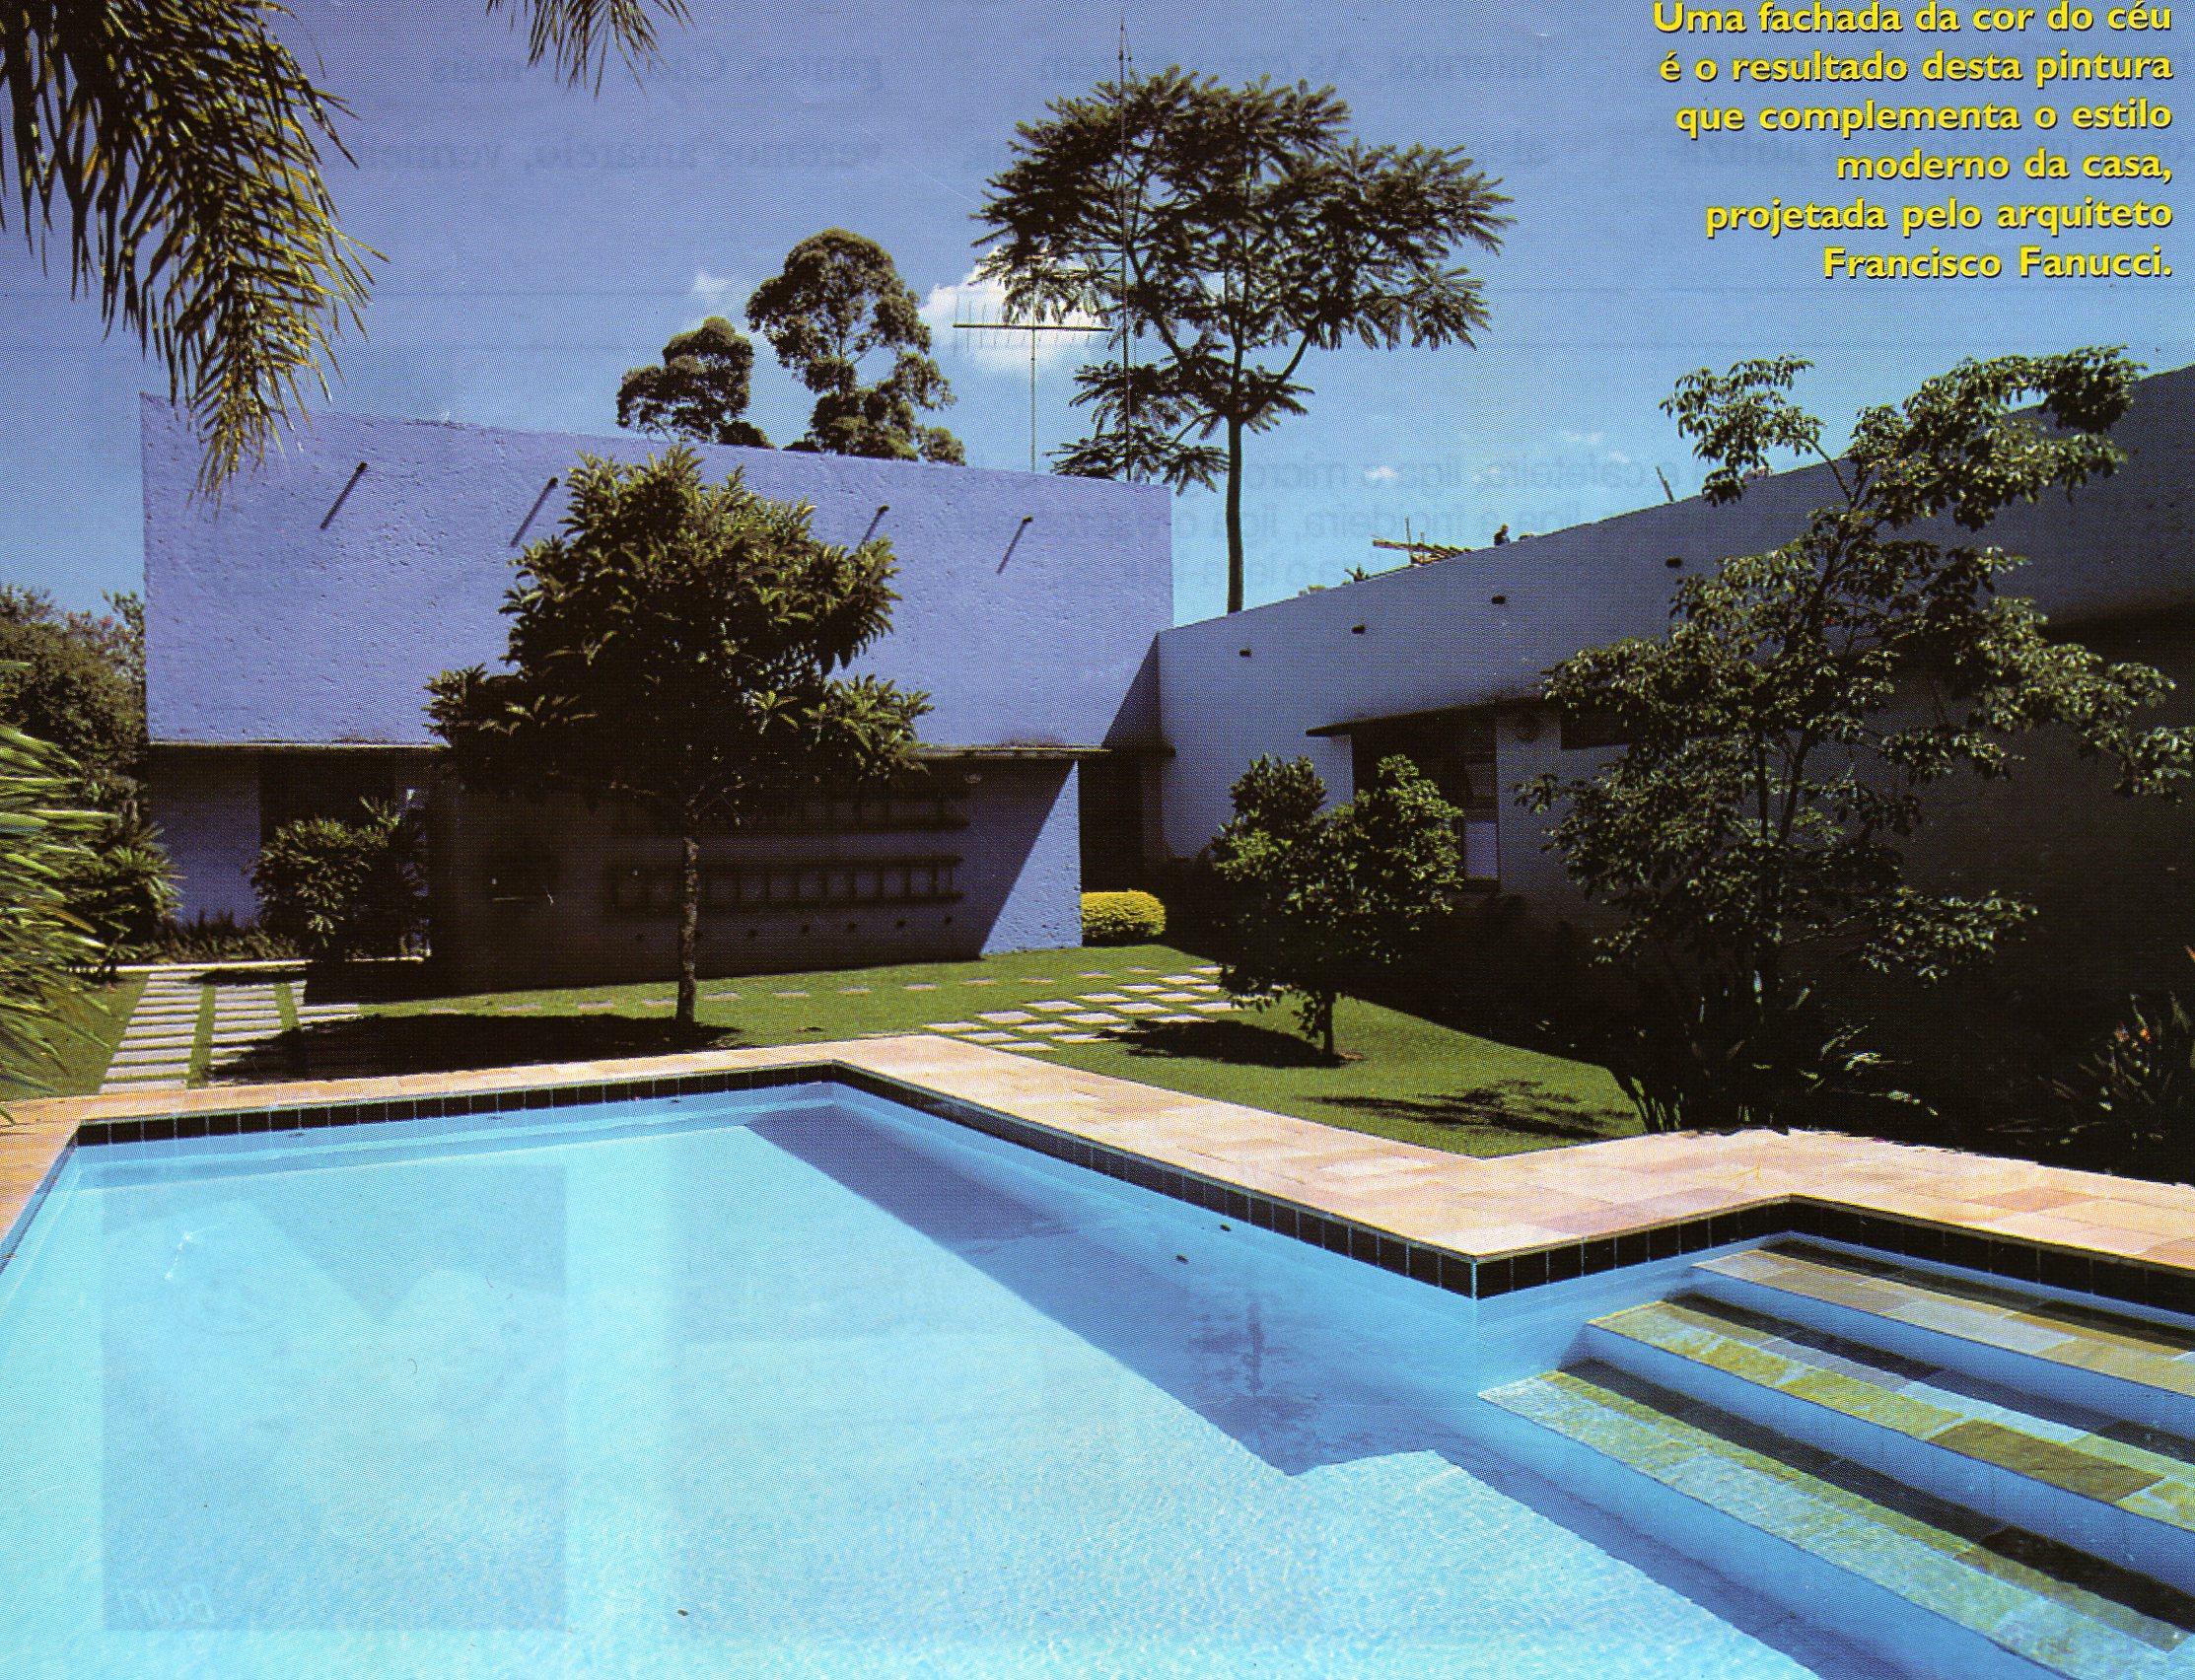 piscina pedra quartzito (06)